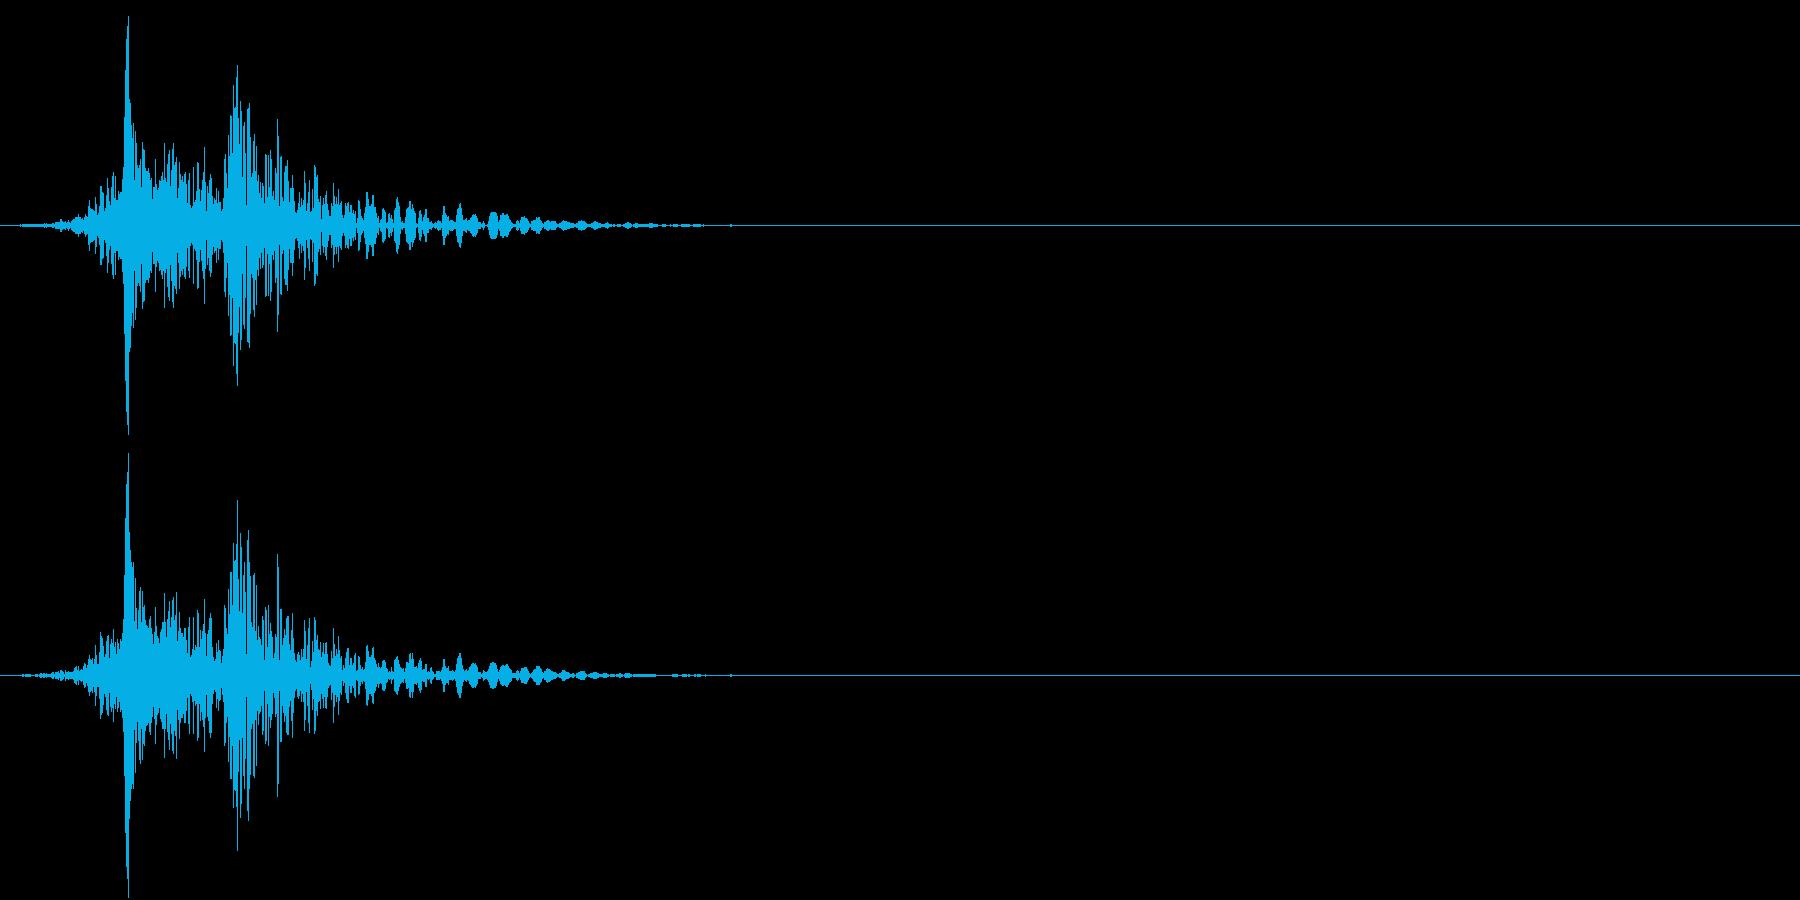 【生録音】車をロックする音 リモコンキーの再生済みの波形